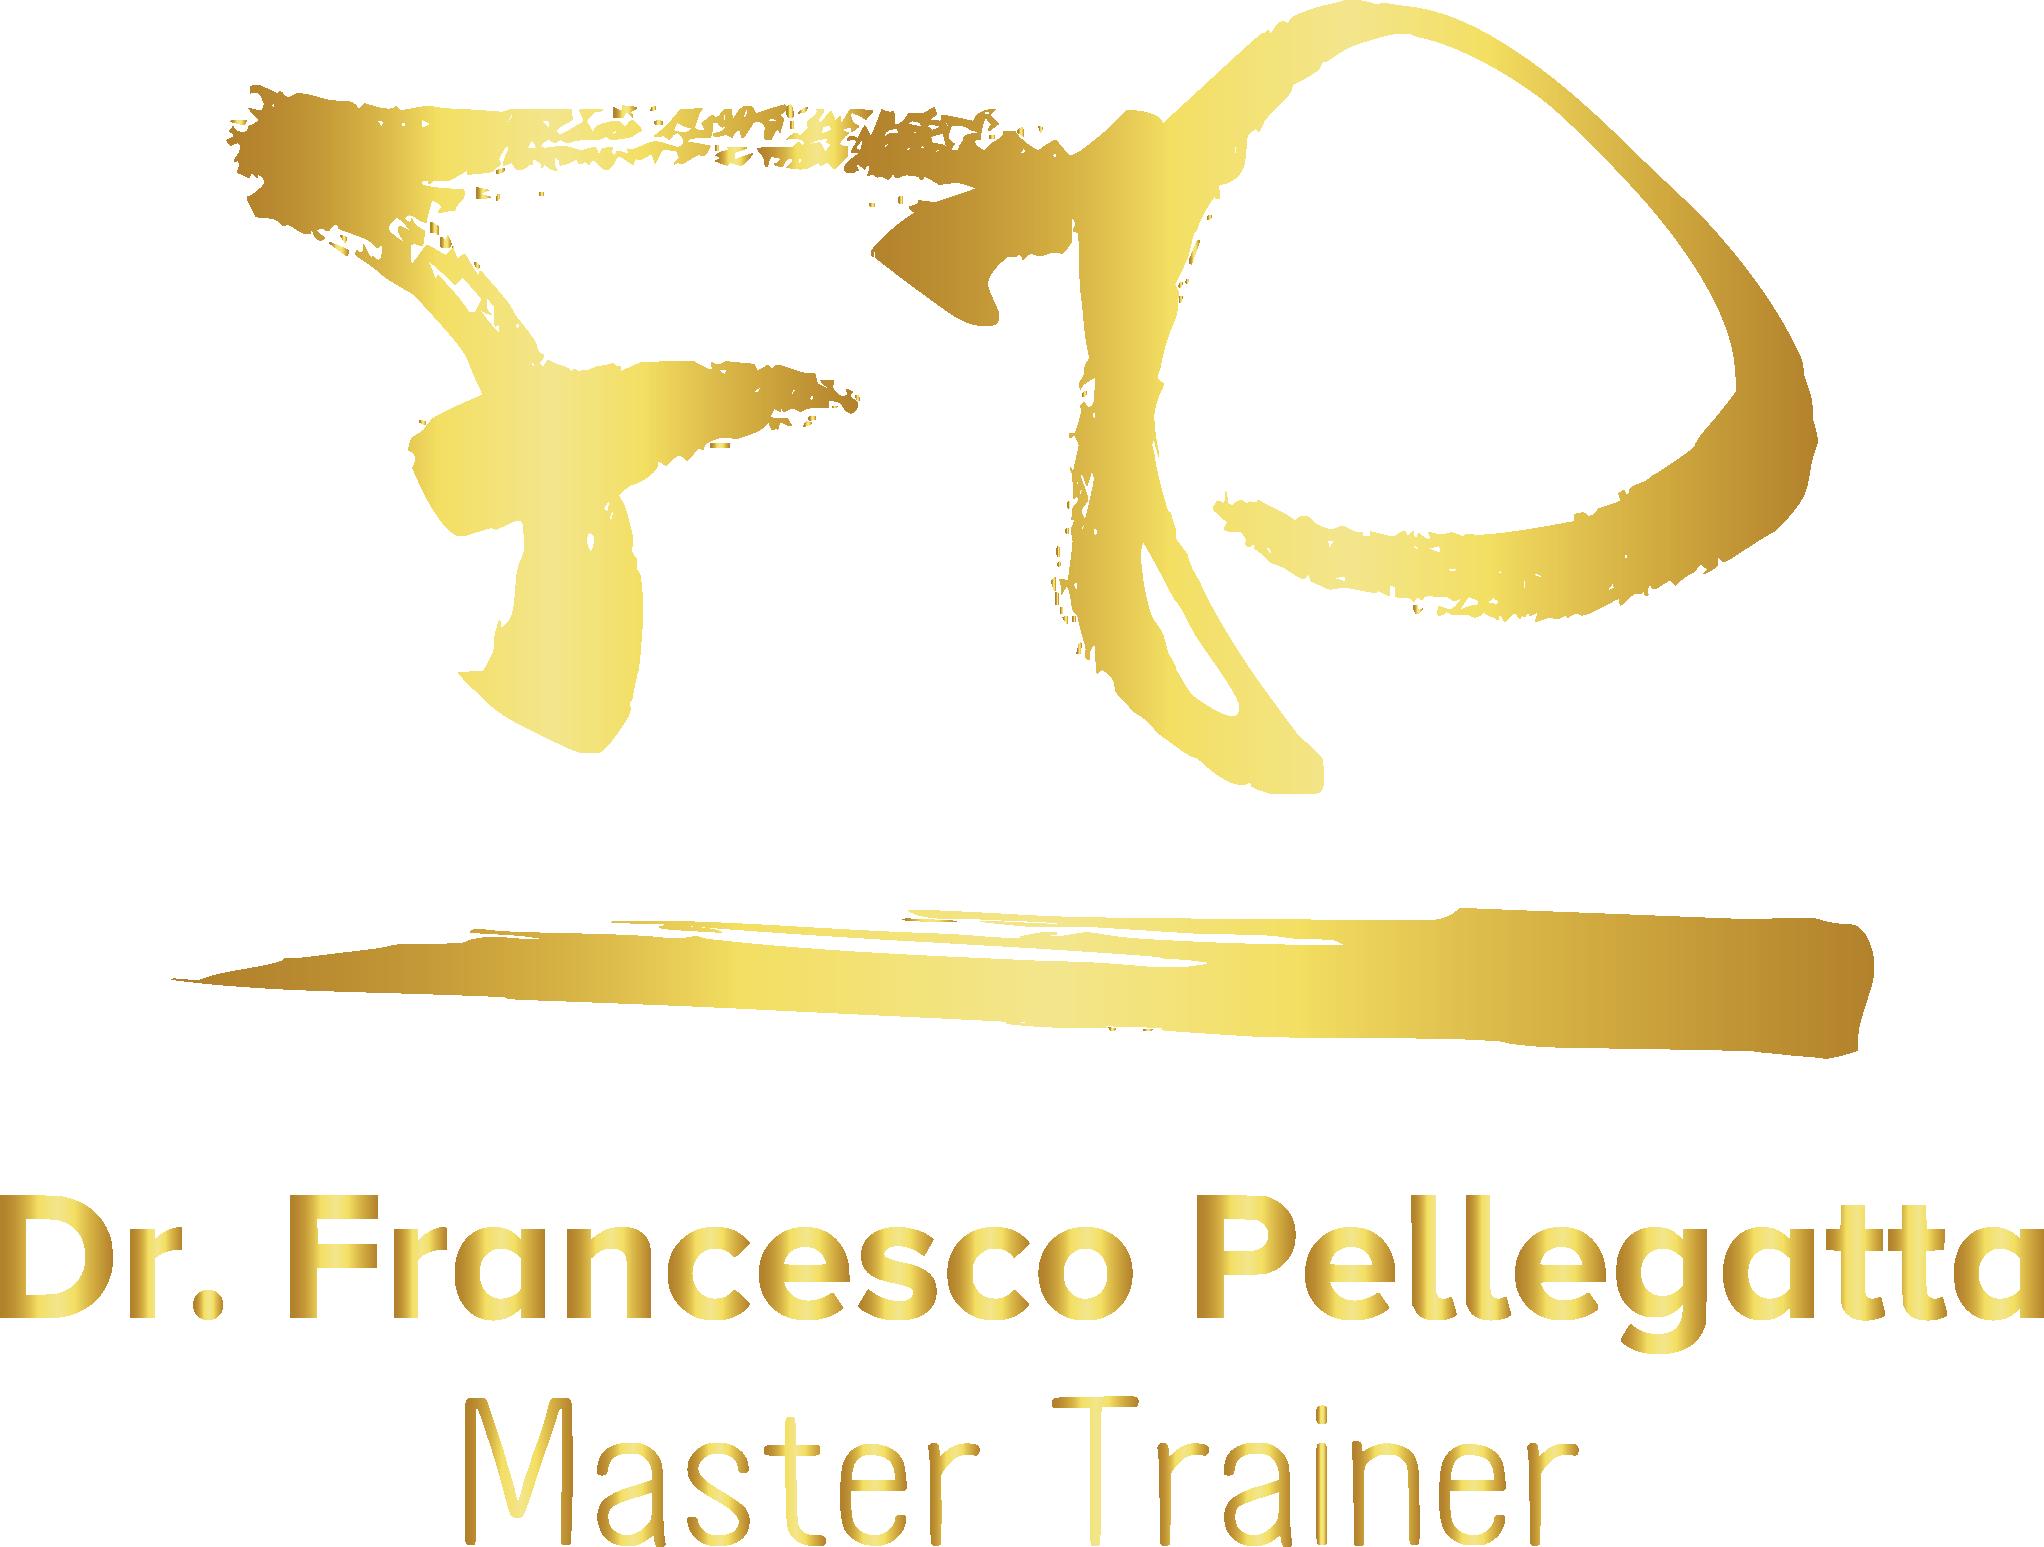 Dr. Francesco Pellegatta